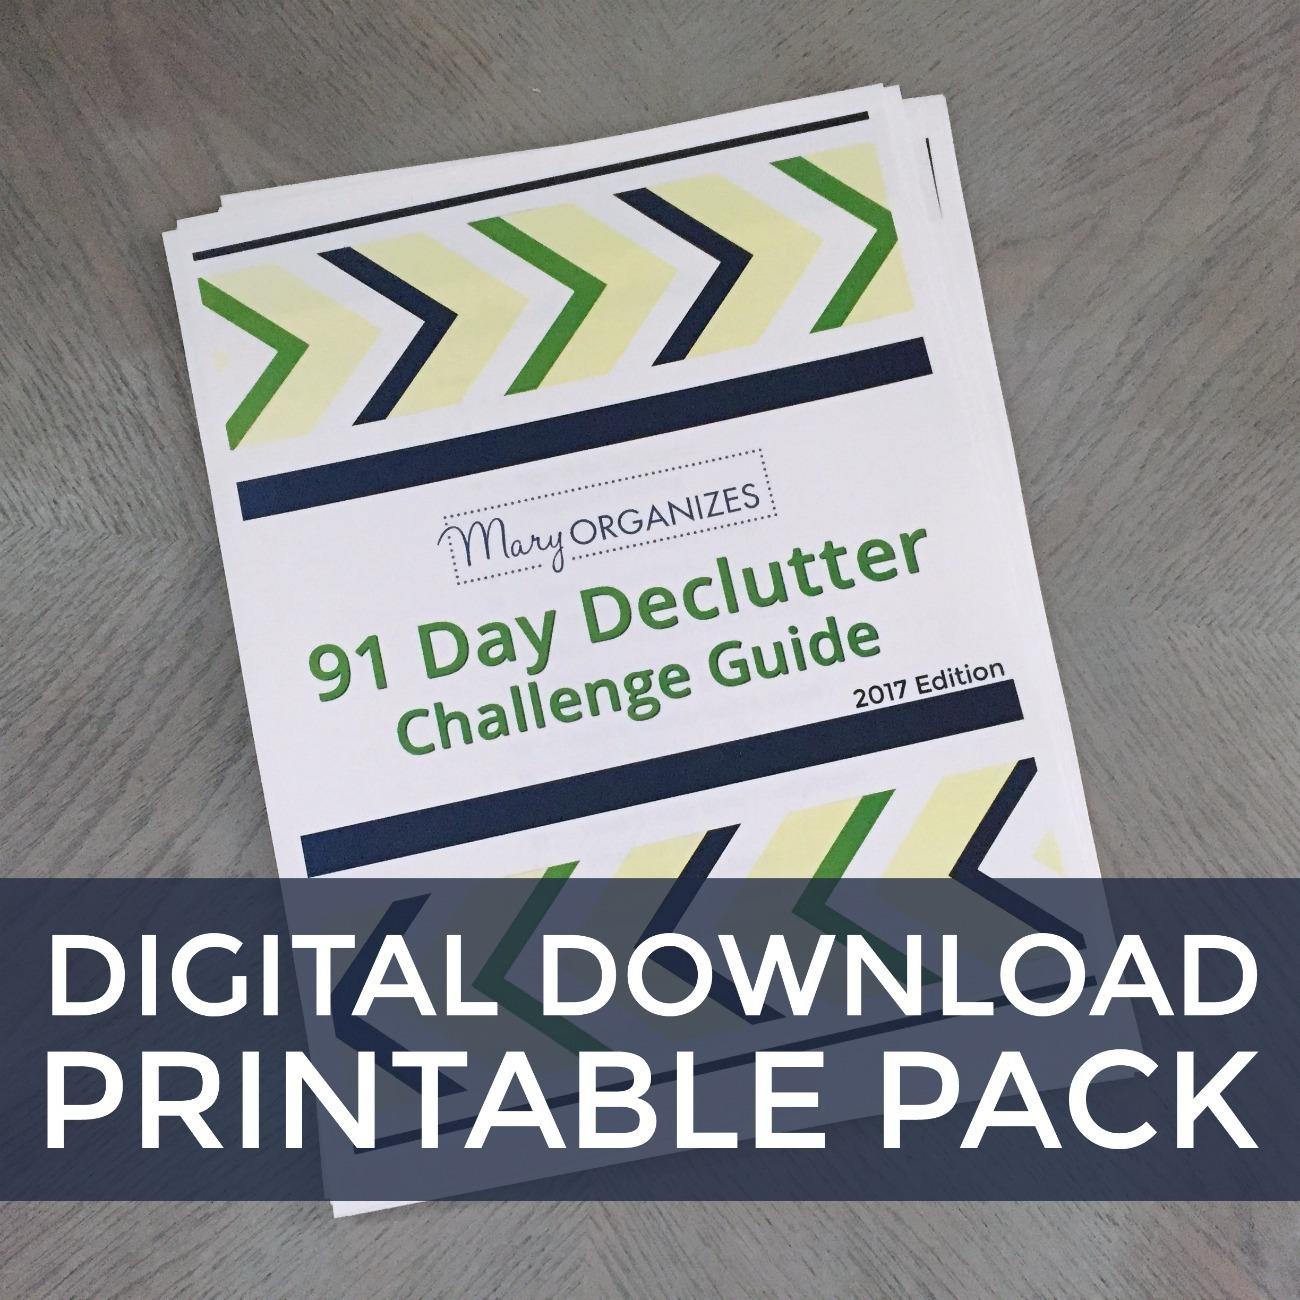 Declutter Challenge: Printable Pack Digital Download 00106